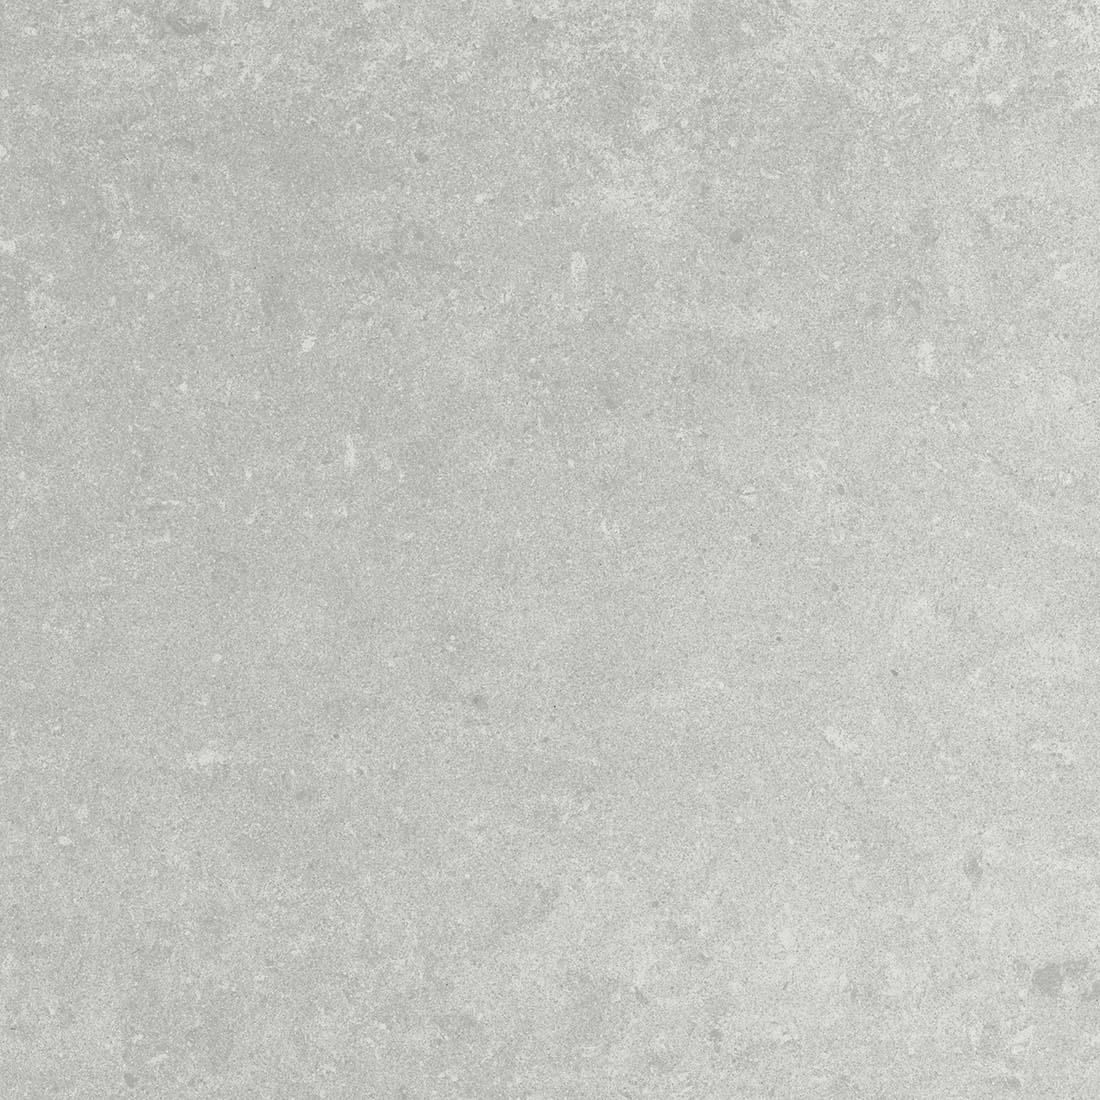 Jumeirah 60x60 Light Grey Polished 1